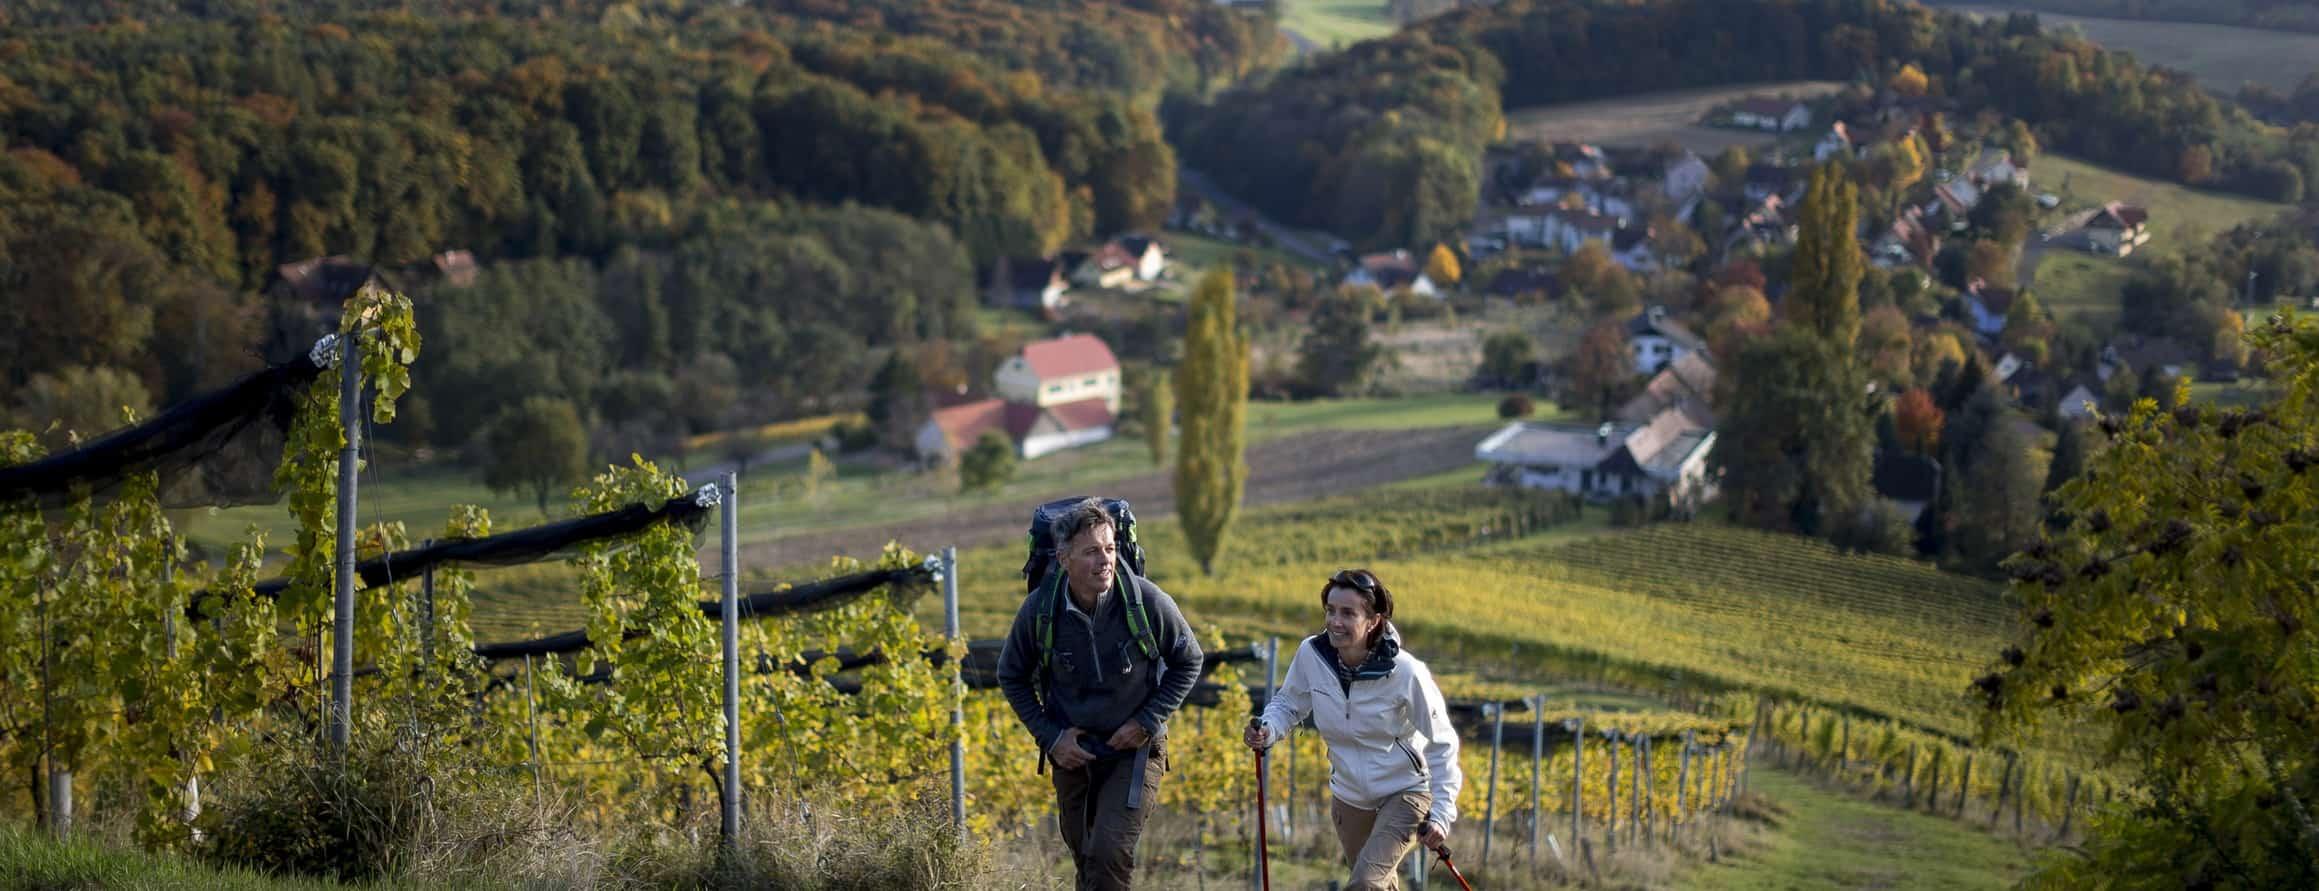 Vandra i Klöch i Südoststeiermark - Semester i Österrike med Austria Travel